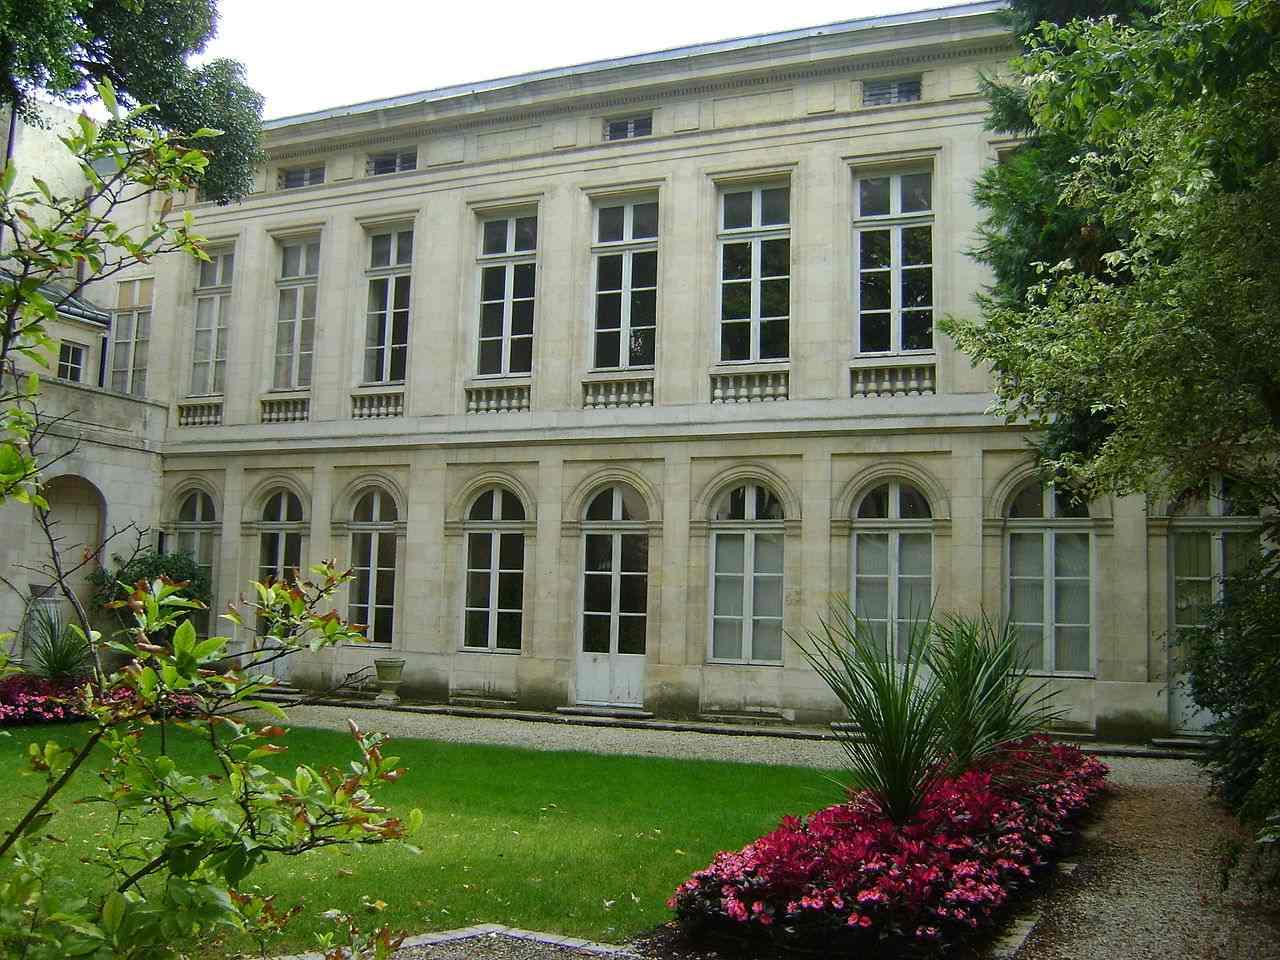 Musée du nouveau monde de La Rochelle